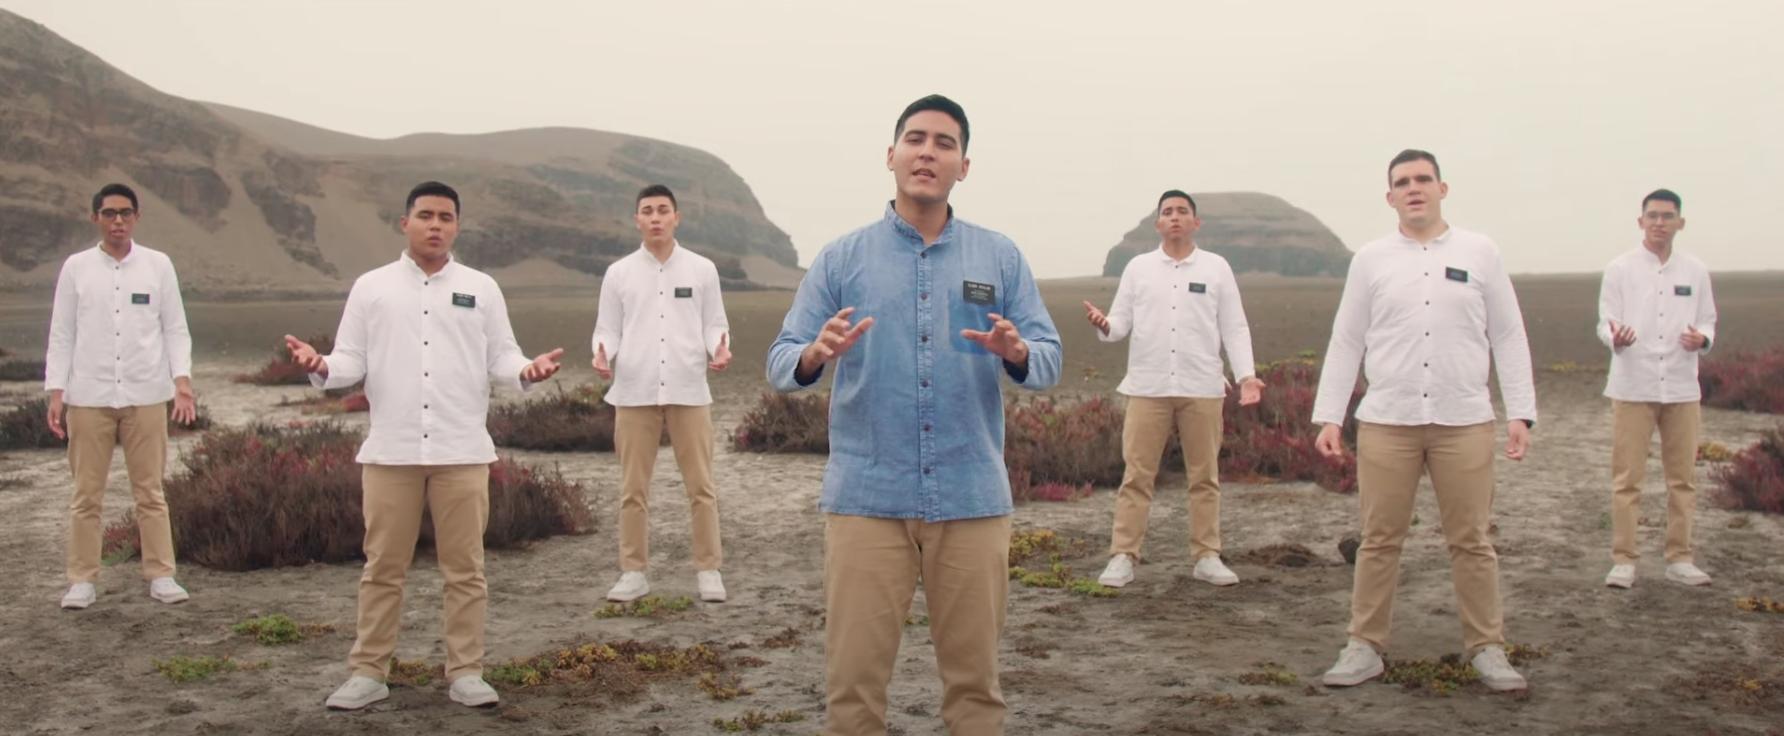 misioneros latinos videoclip